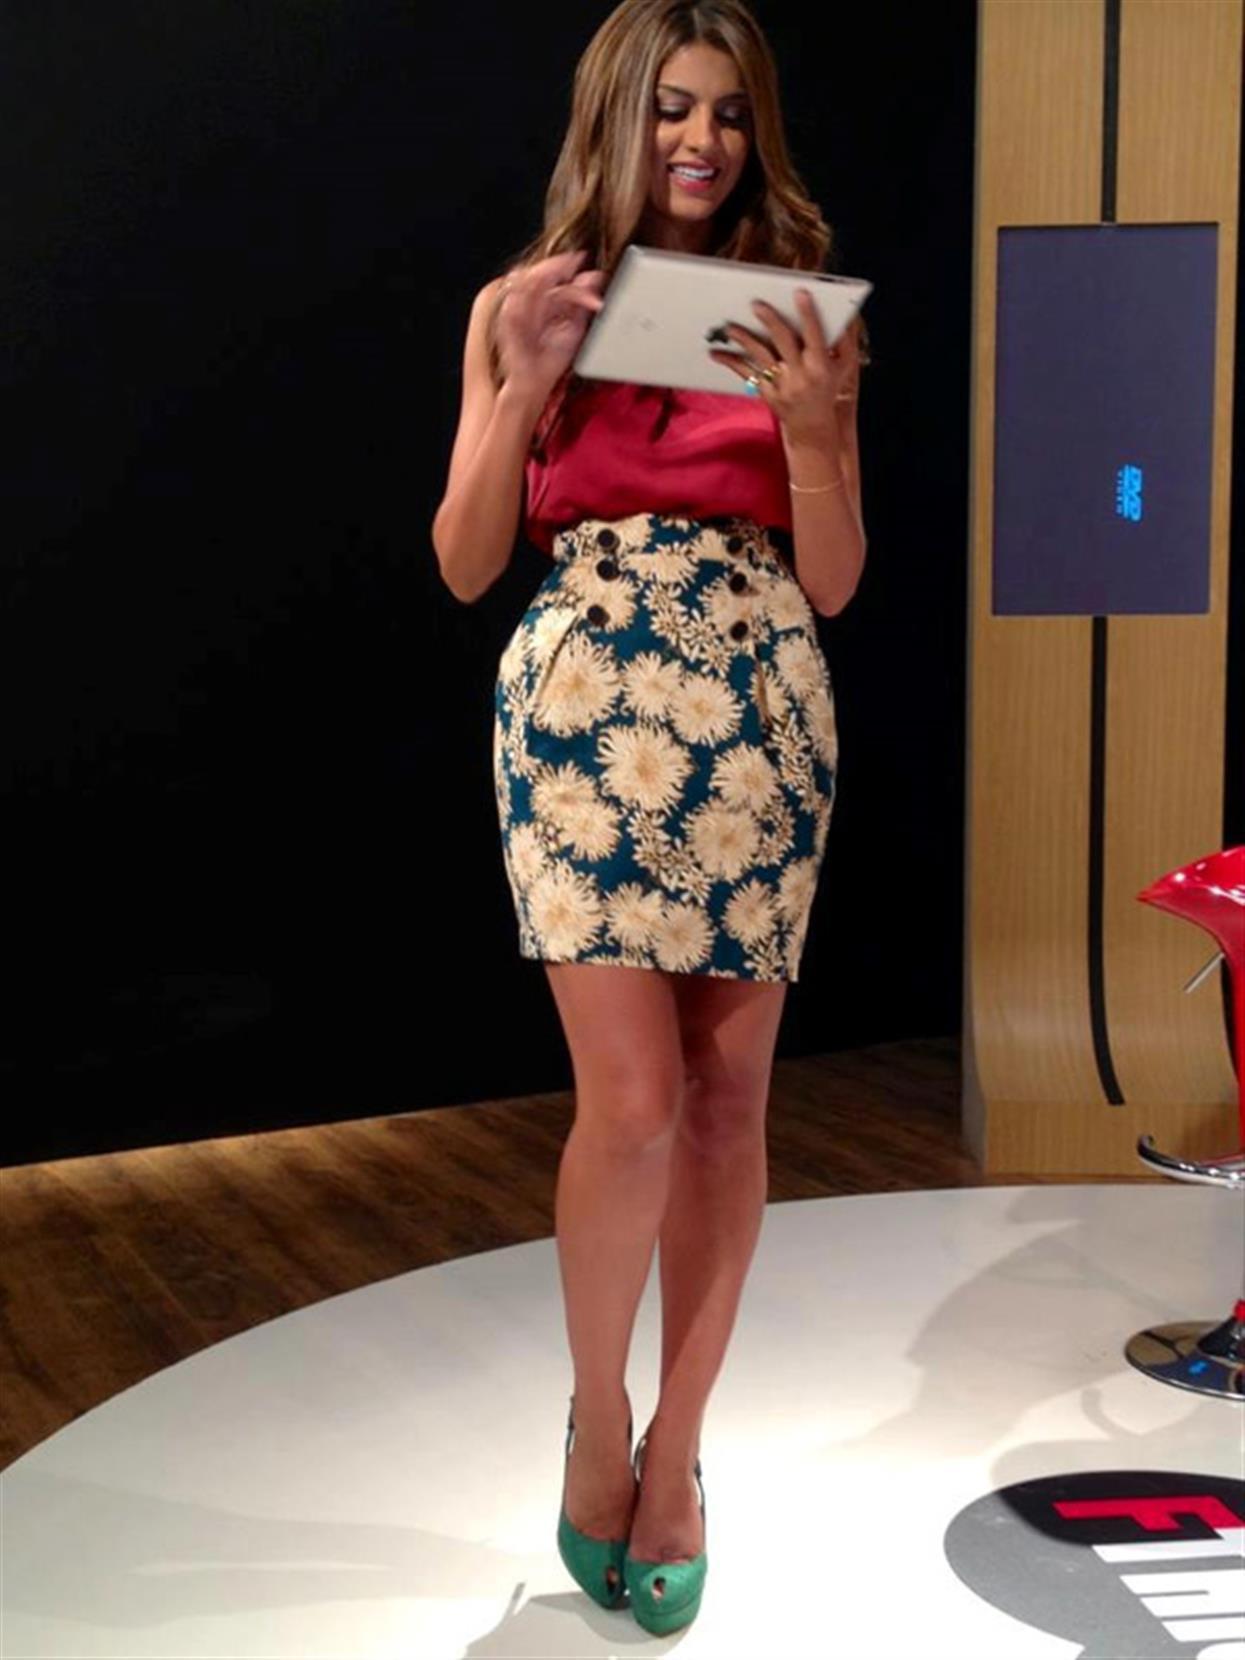 Οι εμφανίσεις της Σταματίνας Τσιμτσιλή στο Fthis Tv